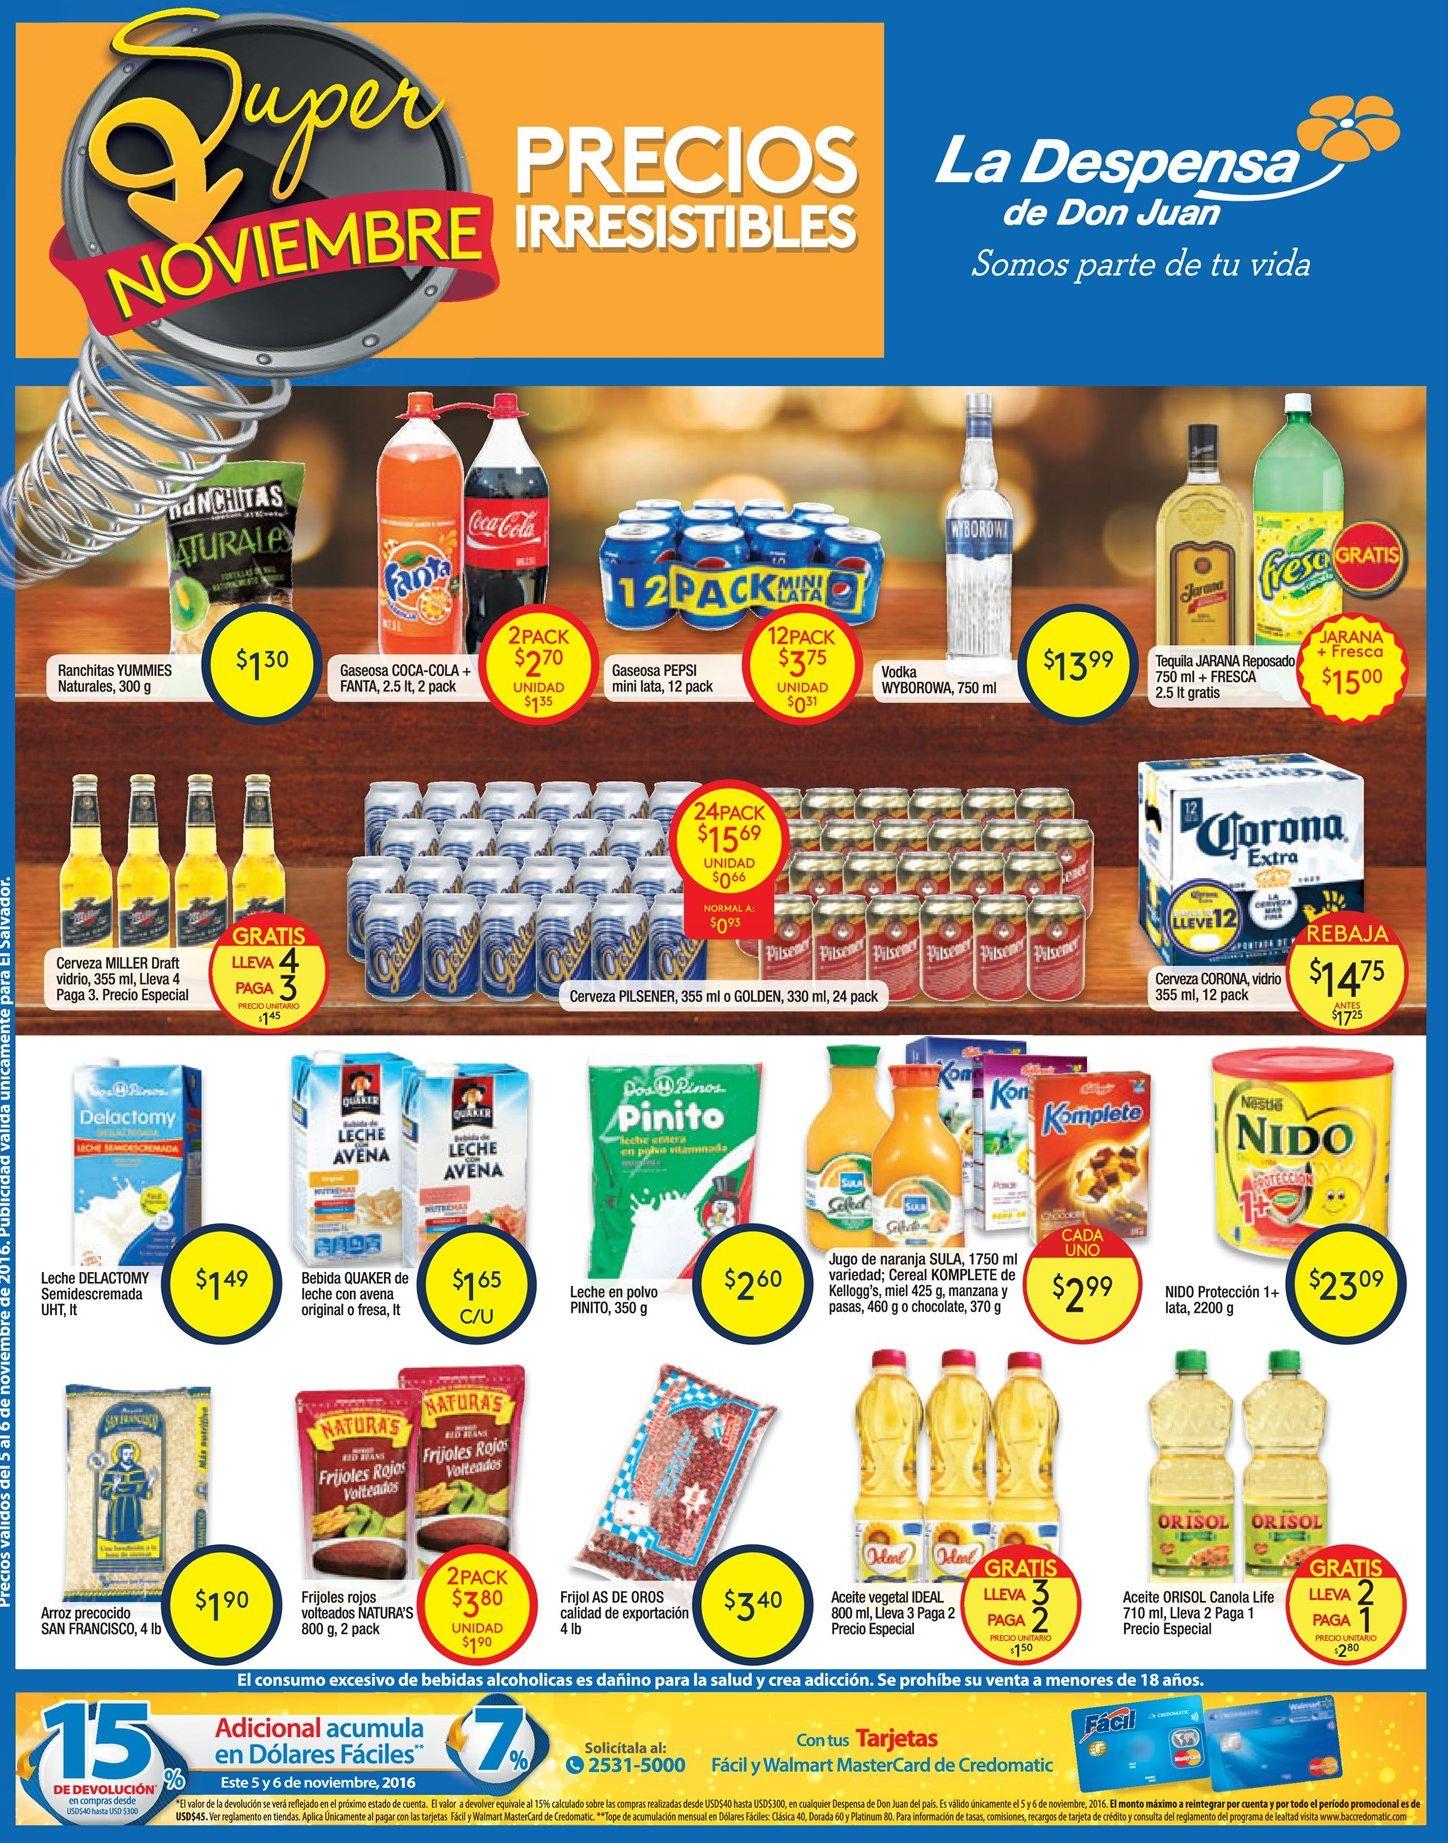 precios-irressistbles-de-la-despensa-de-don-juan-finde-05nov16